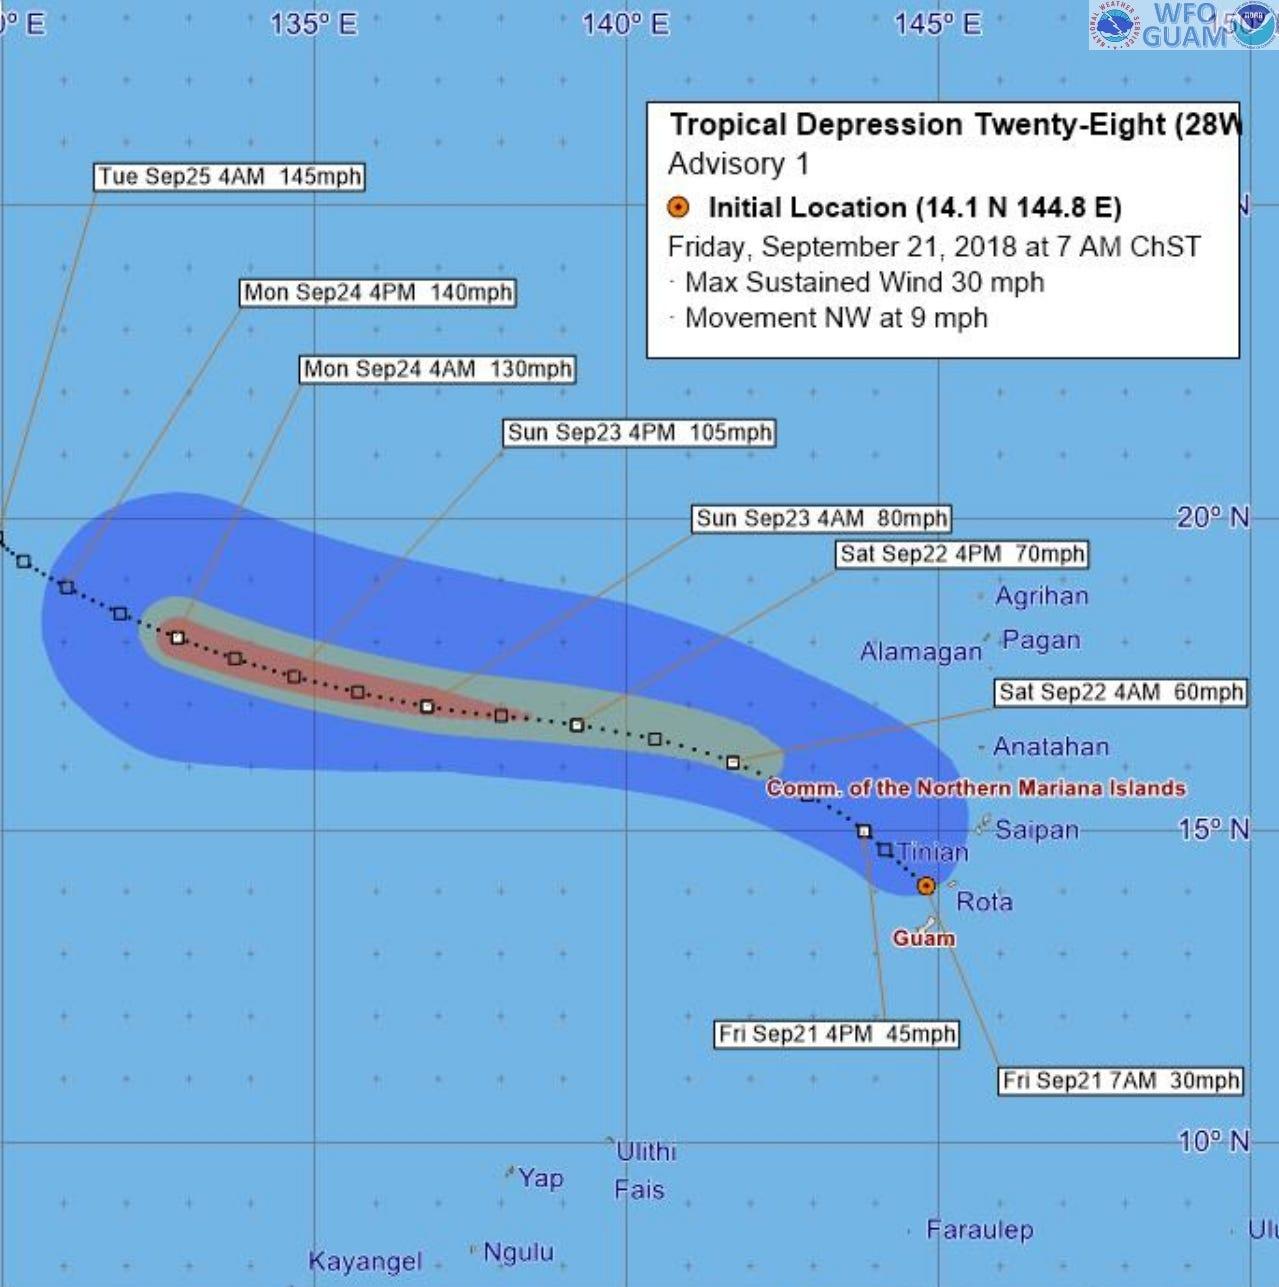 Heavy rain, gusts forecast; flash floods a concern on Guam, Marianas